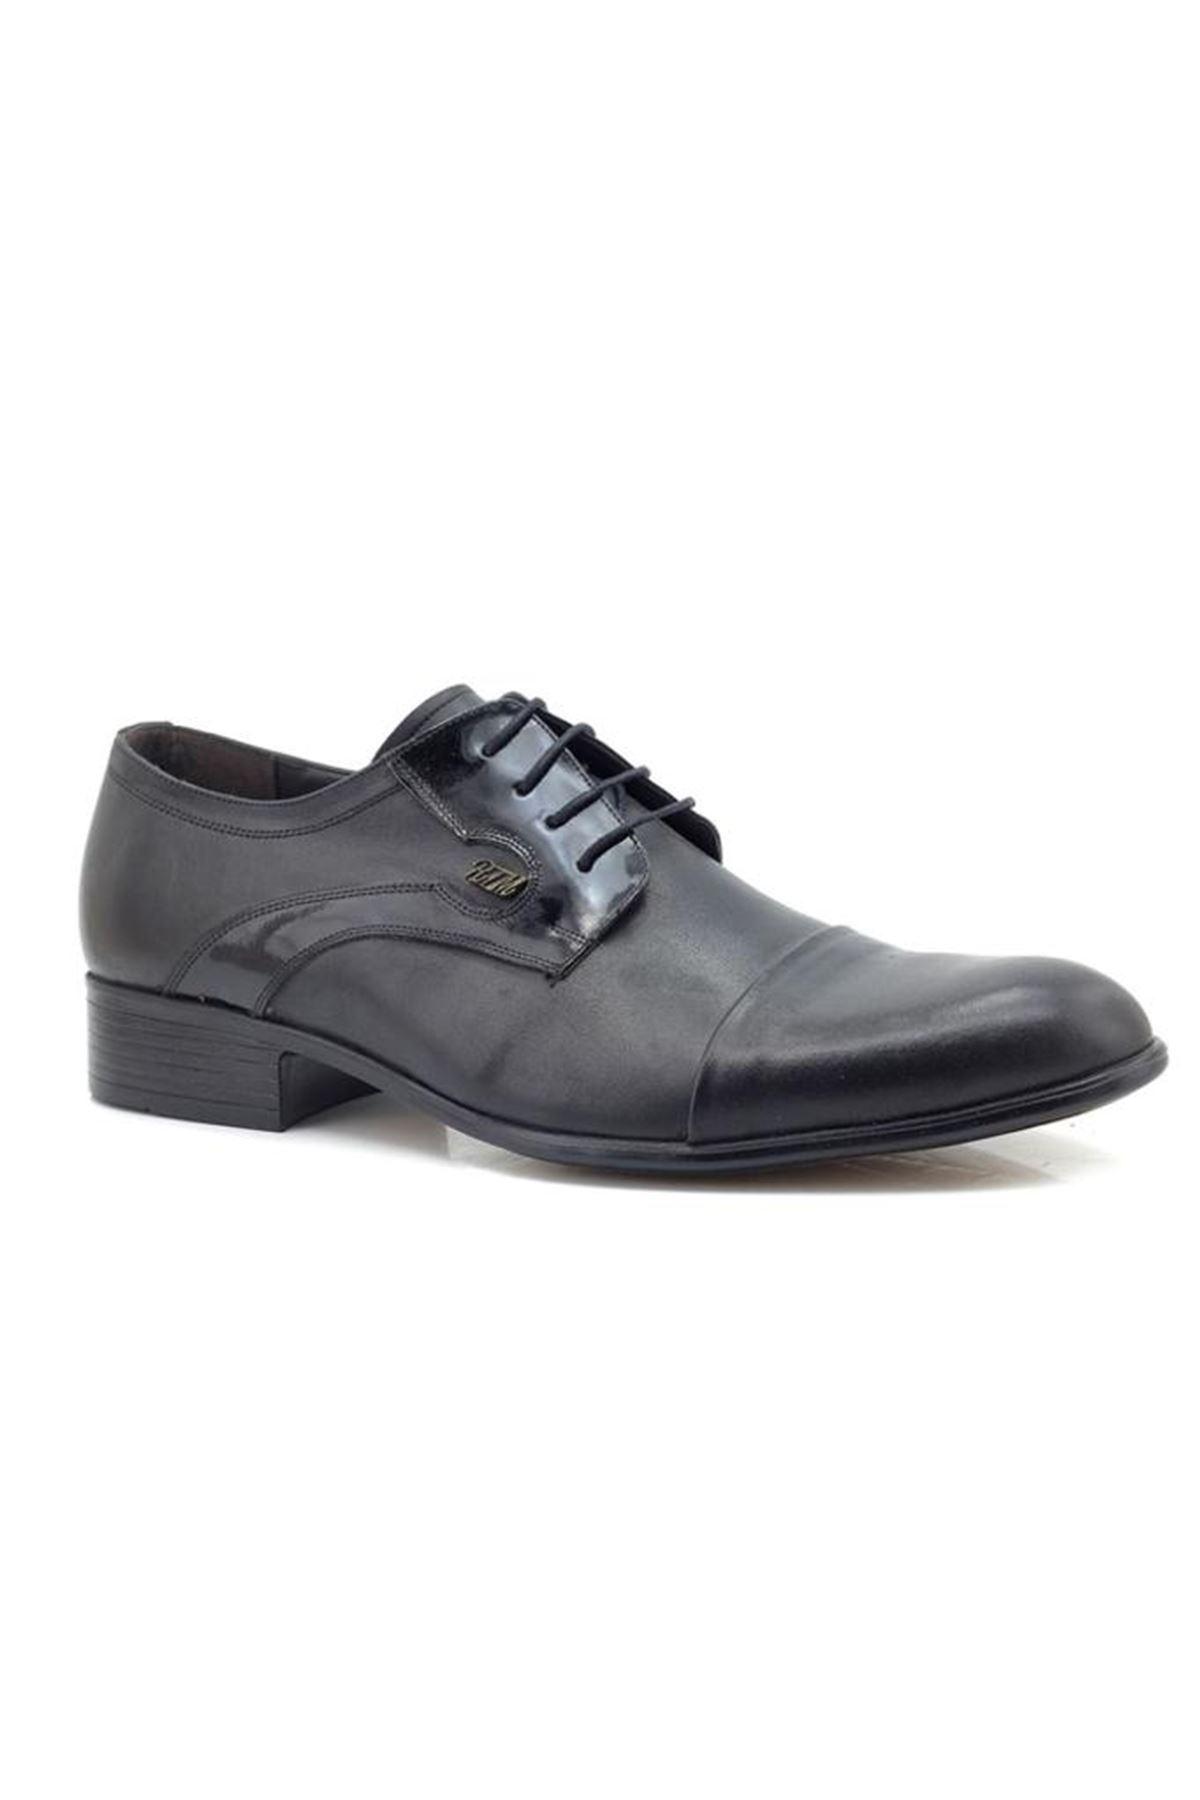 Özel Üretim Klasik Hakiki Deri Büyük Numara Erkek Ayakkabı